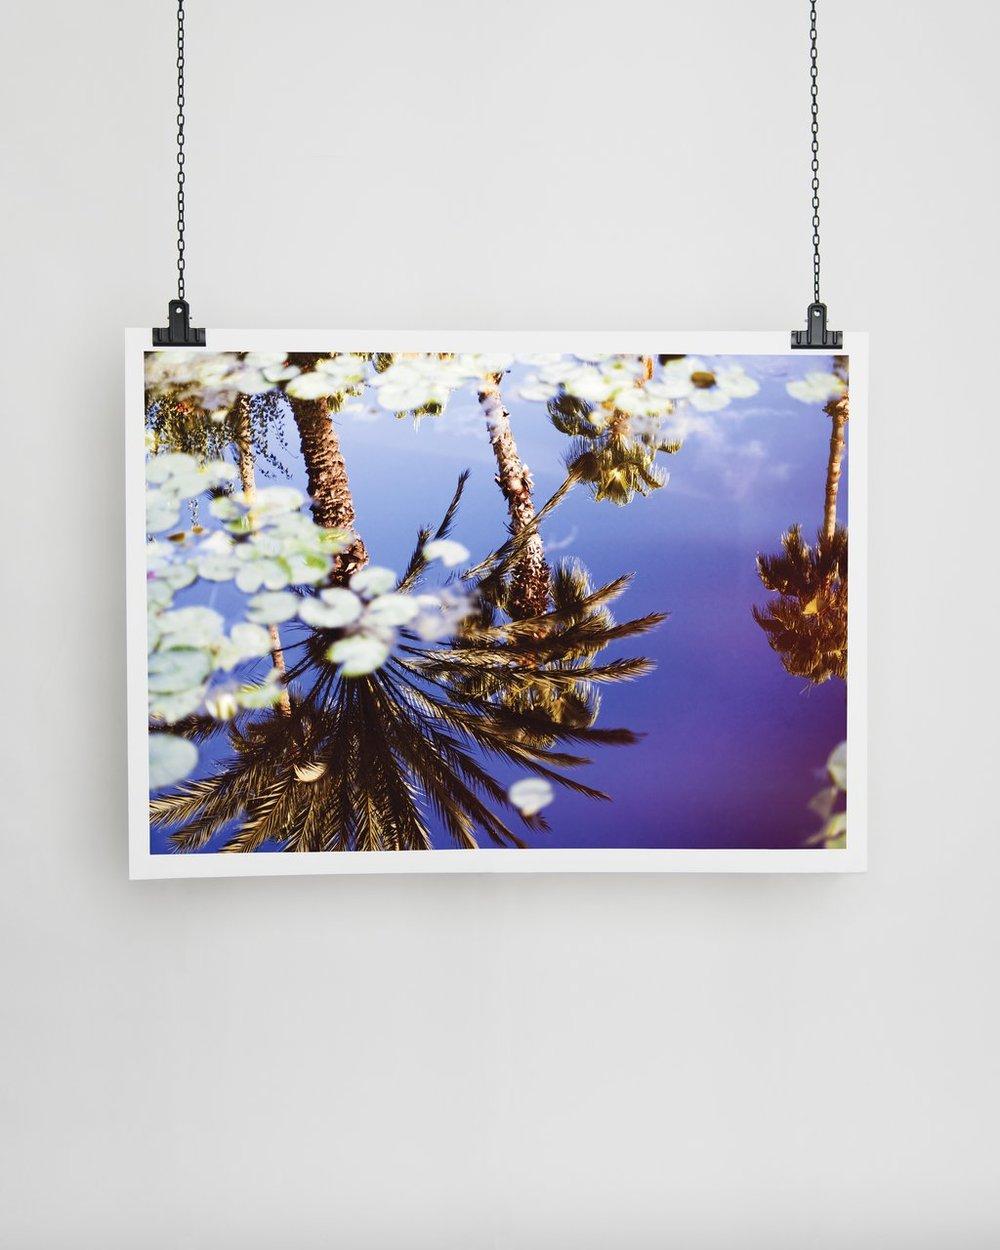 YSL PALM TREES   Julia-Rosa Reis  70x100 cm  €331.27 EUR